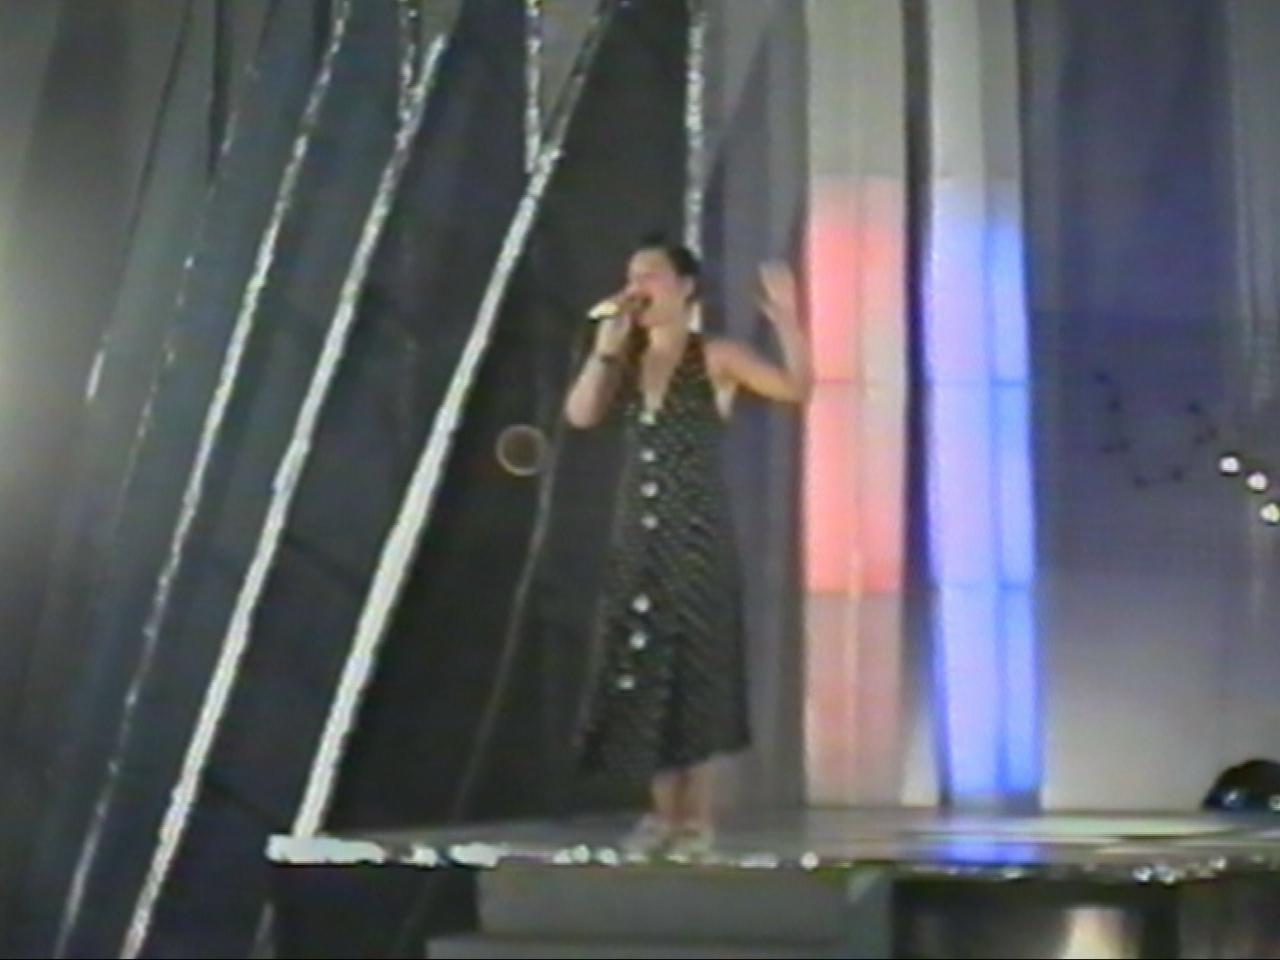 Amara 1994 - Mentiune - Irina Purcarea.jpg